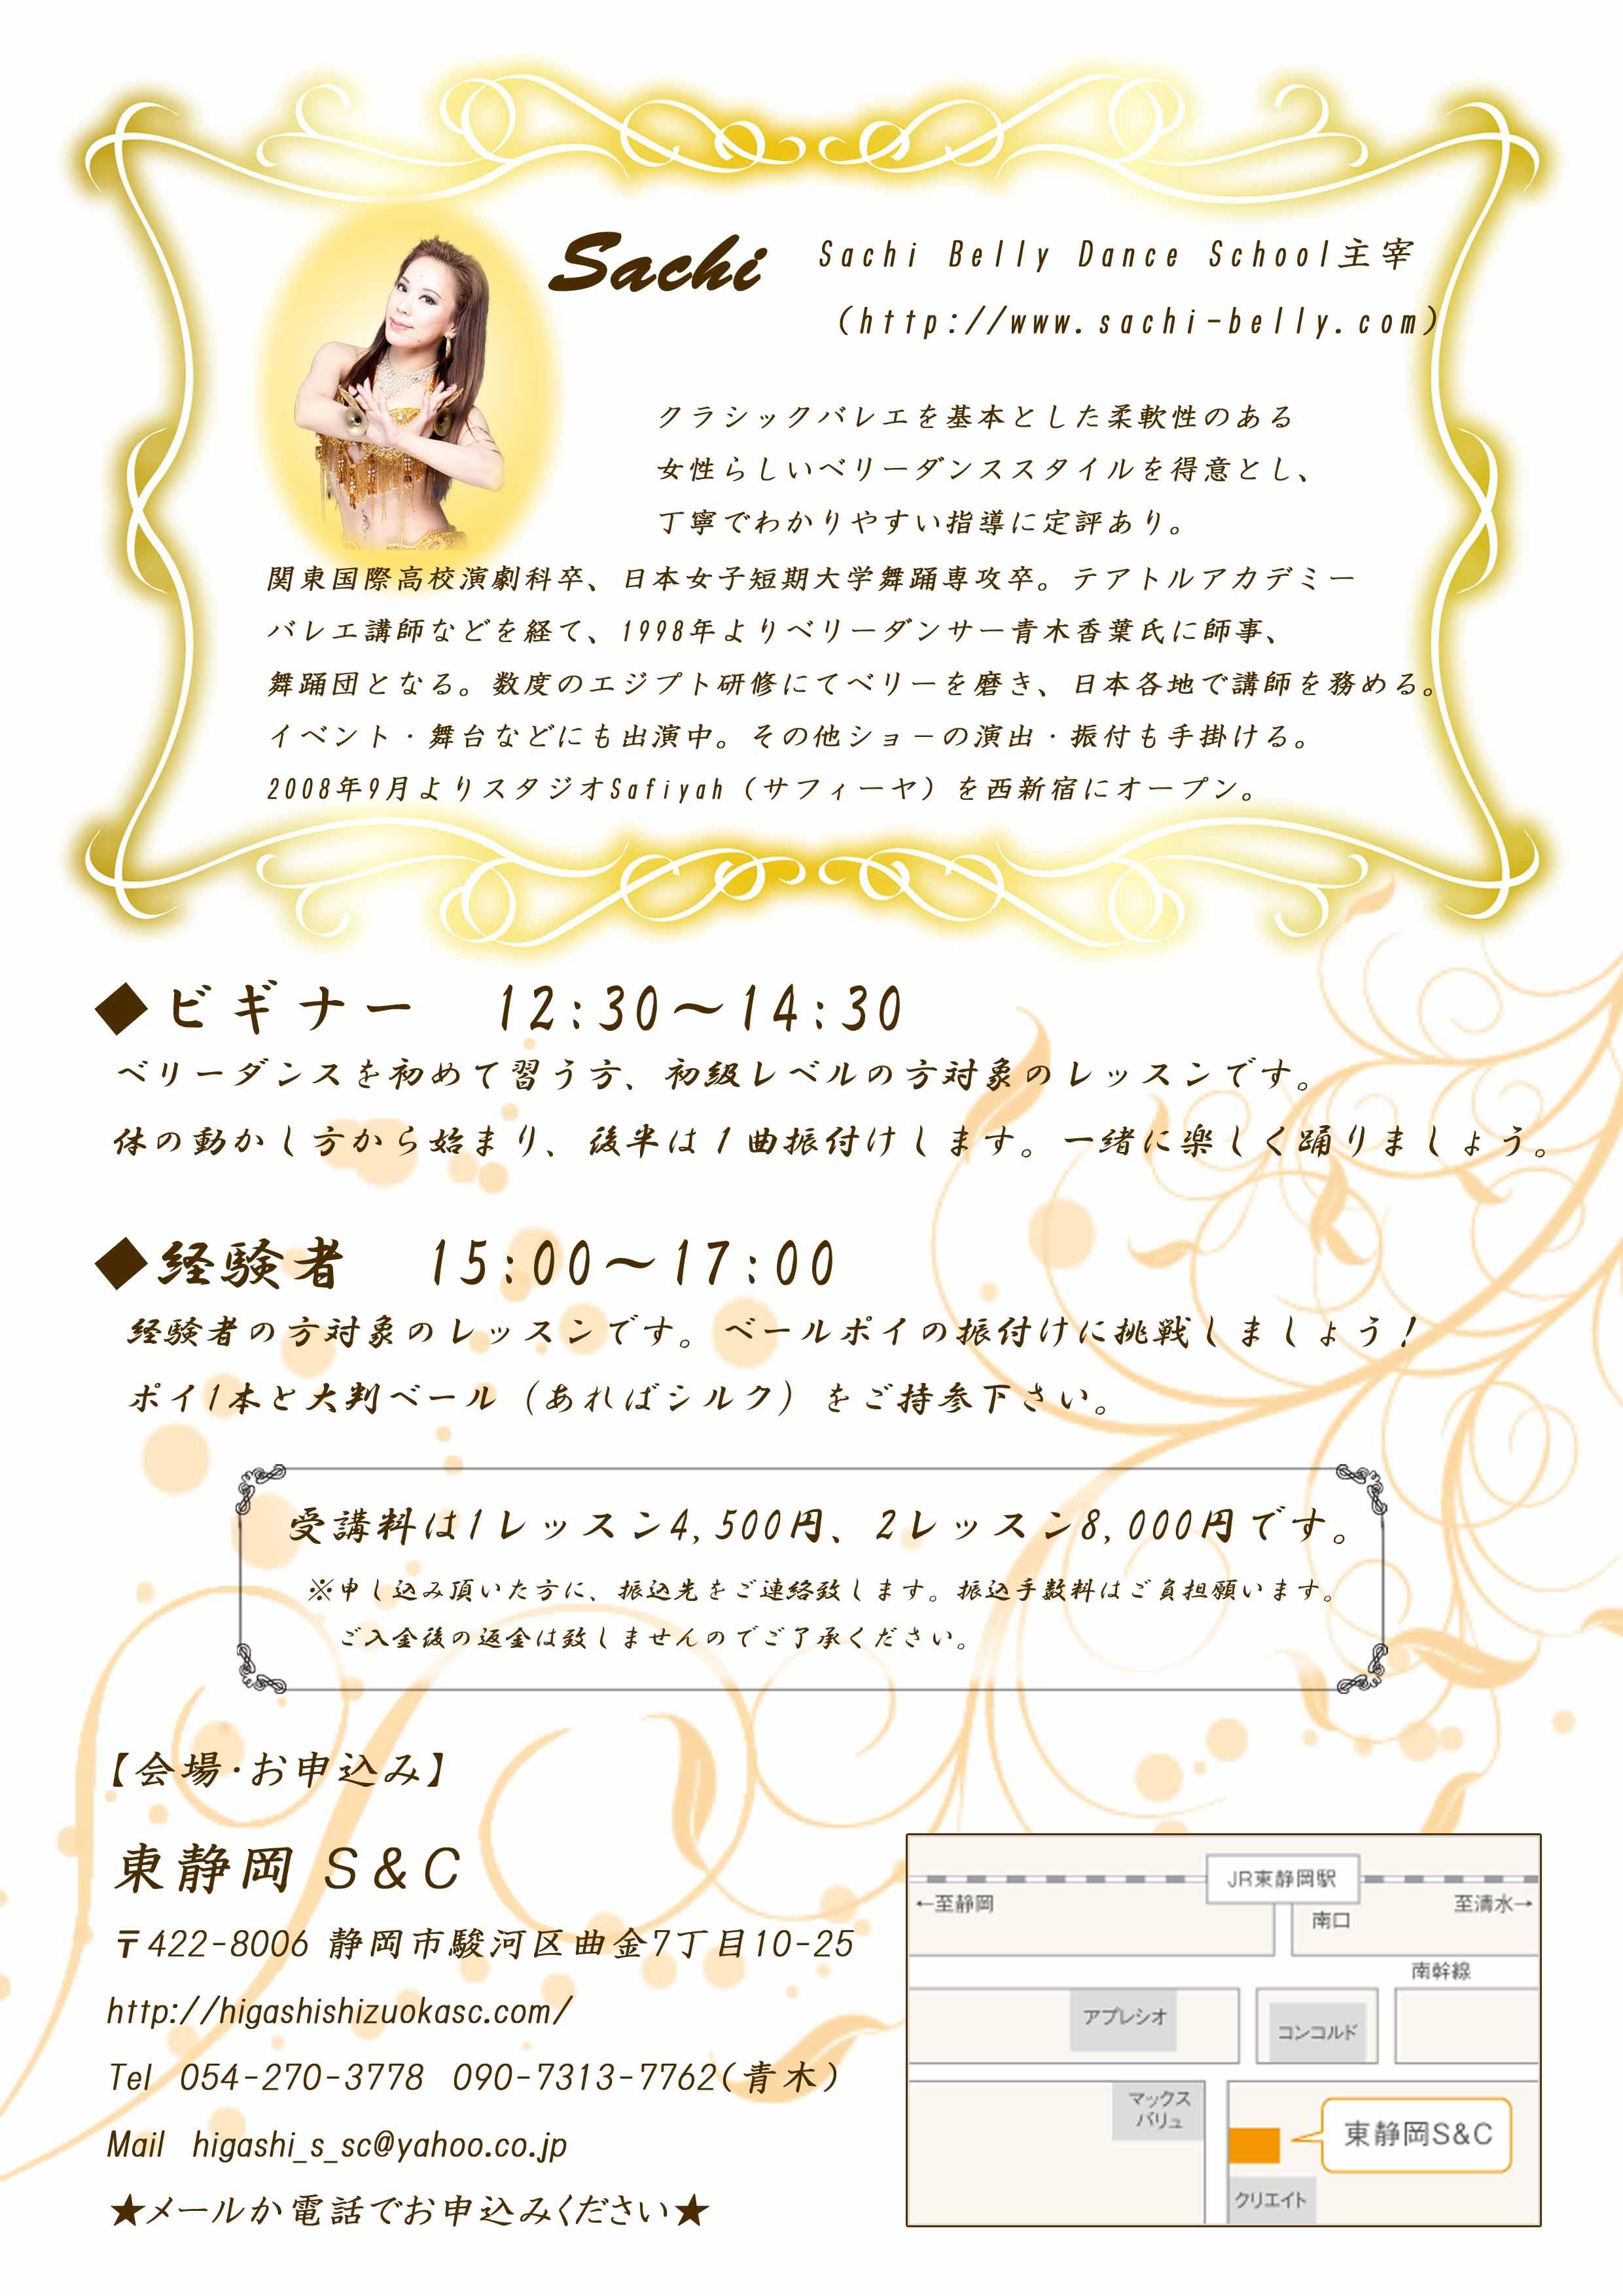 9/27静岡にてW,S☆